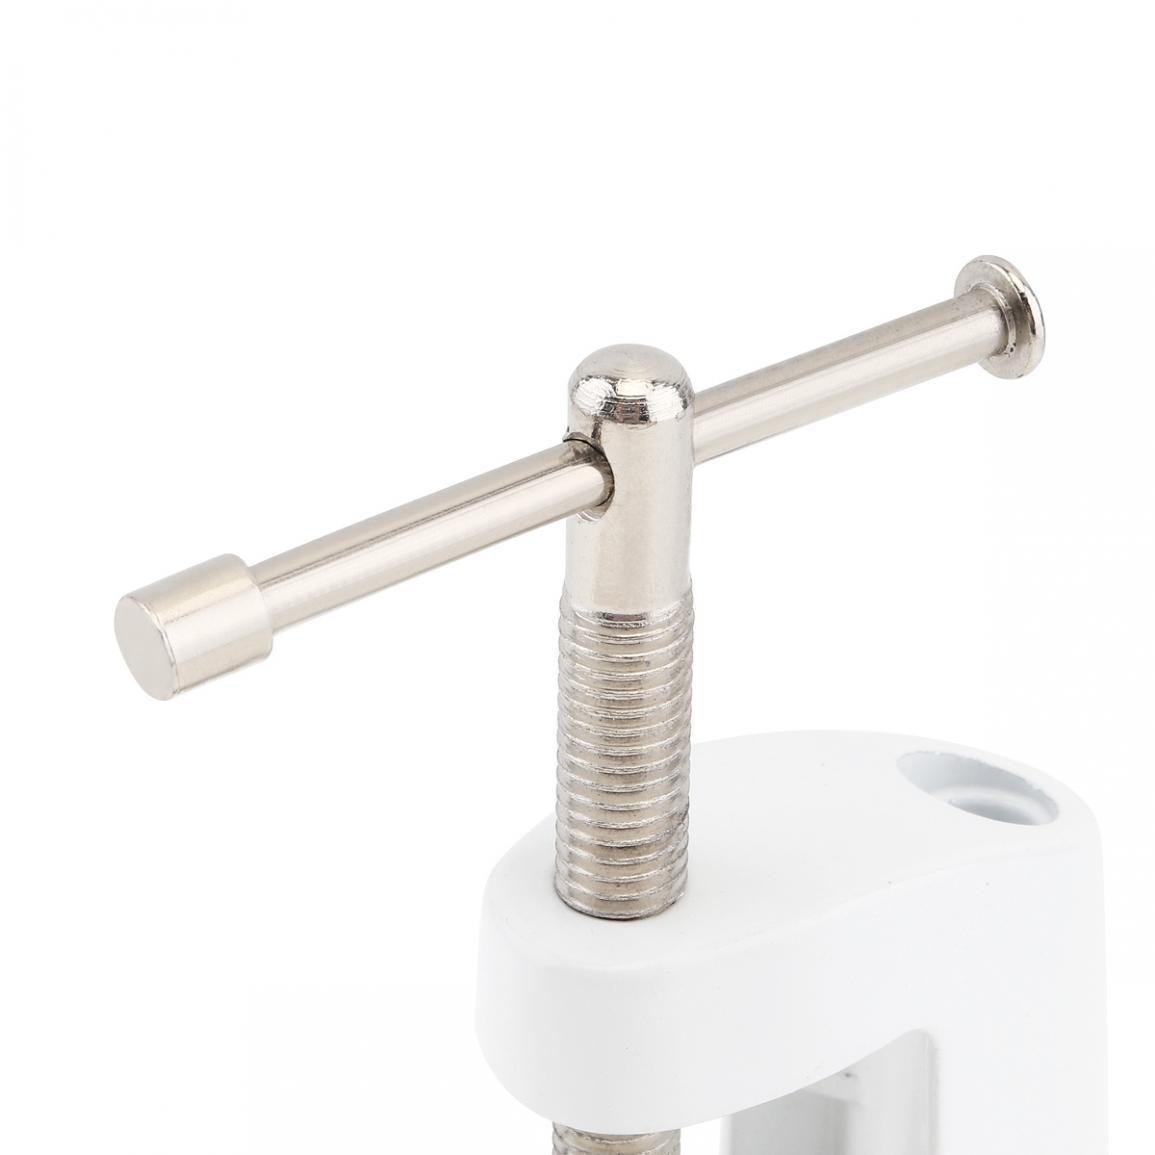 Aluminum Alloy Cantilever Desktop Magnifier Bracket Clamp Holder Metal LED Desk Lamp Clip Fittings Base Hose For Mic Stand